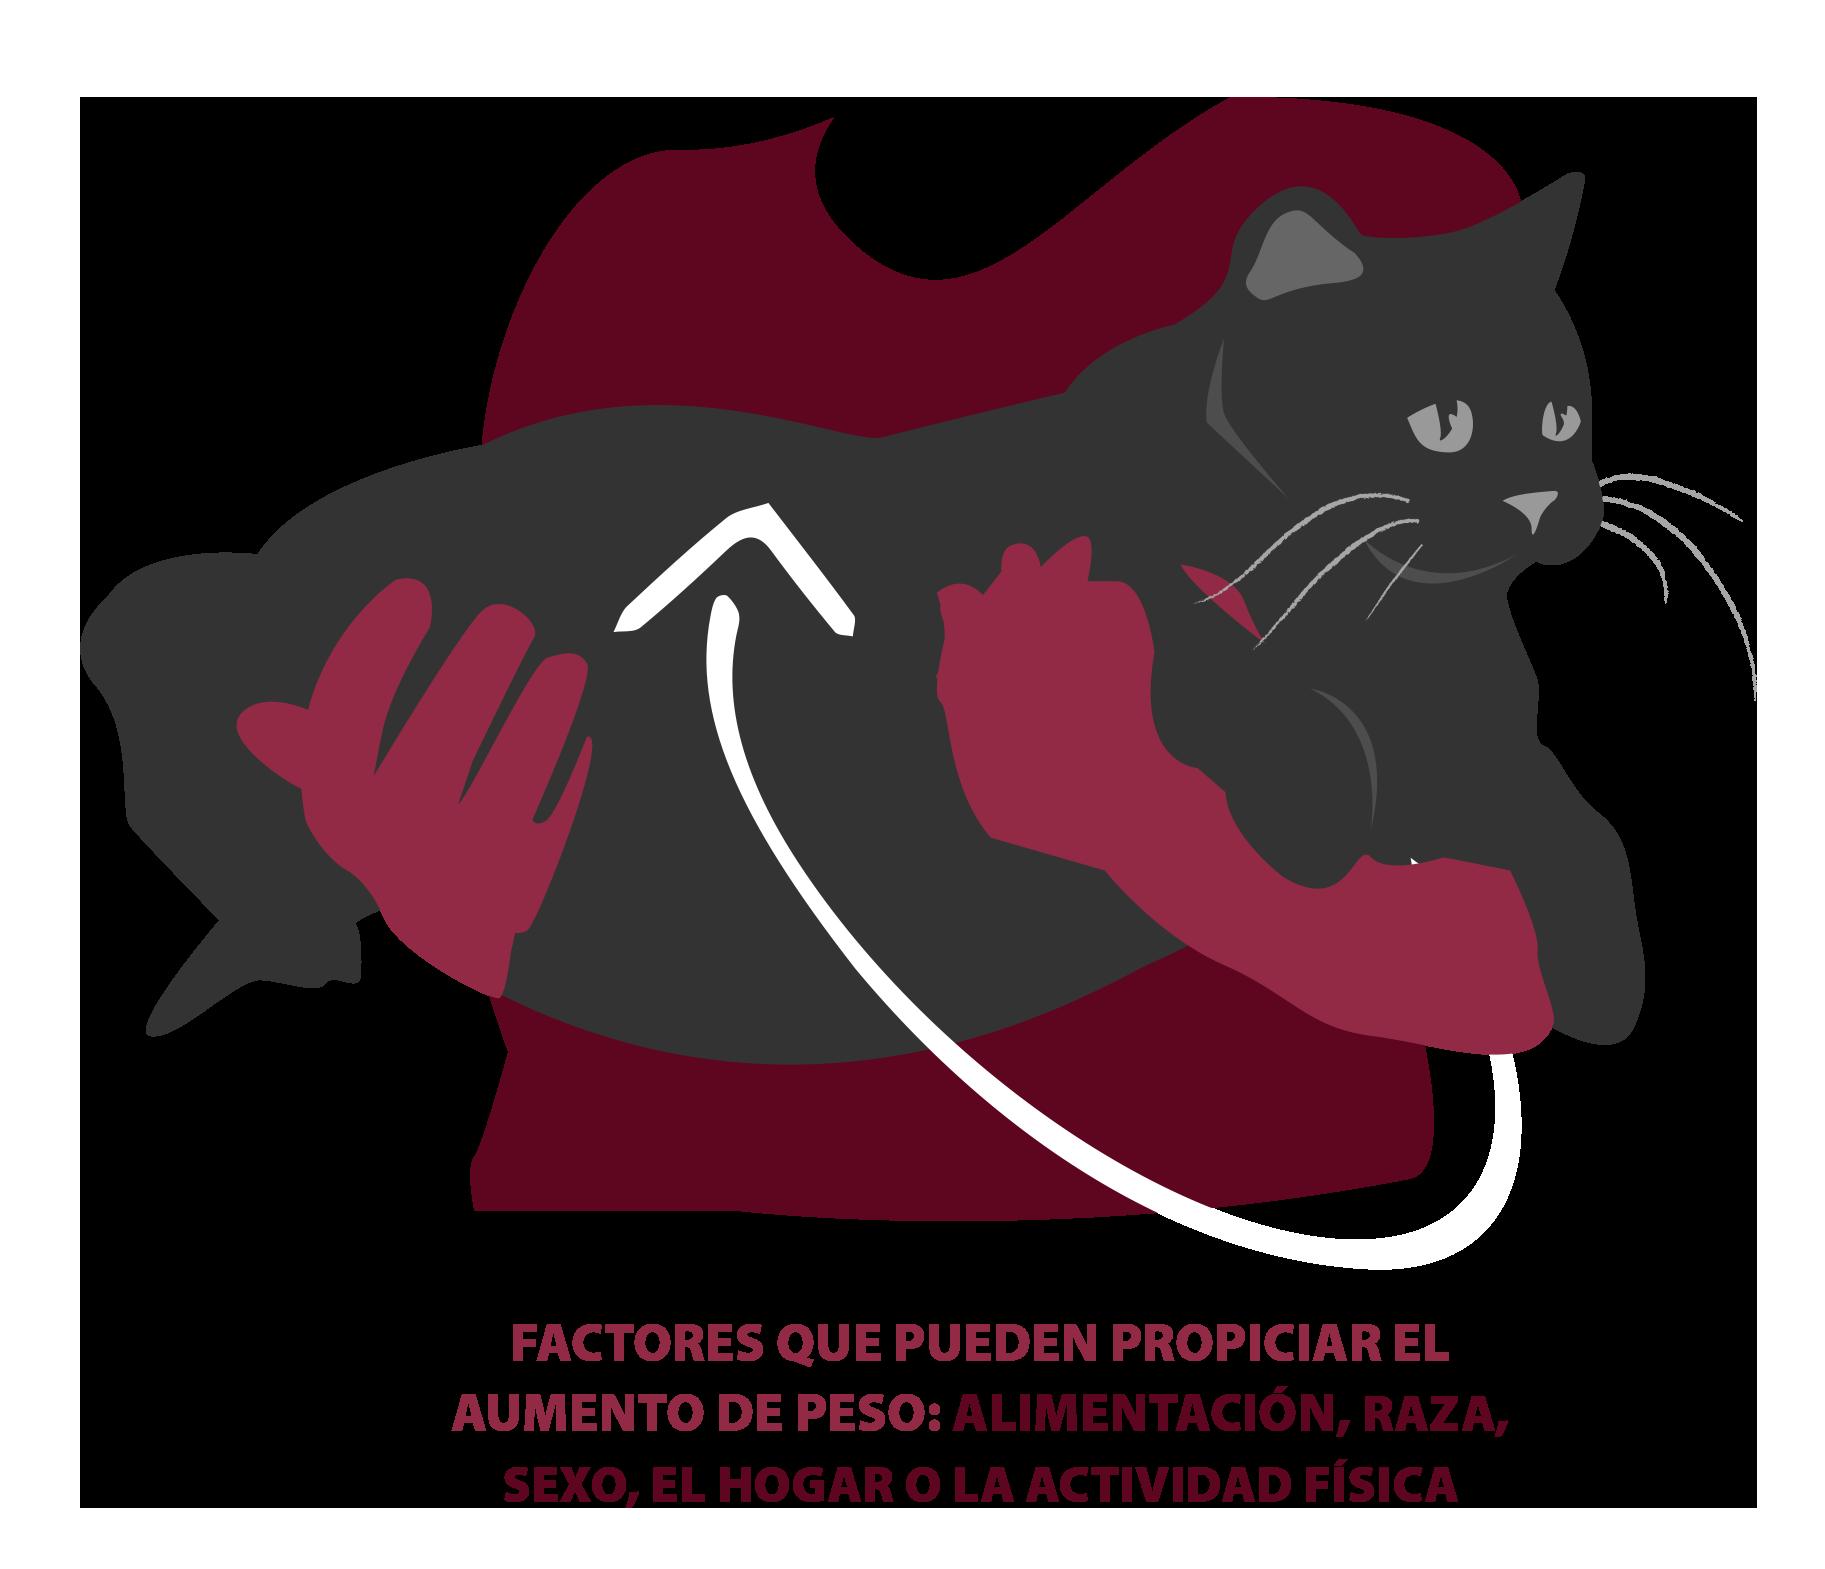 NaturalGreatness_El sobrepeso en gatos_02